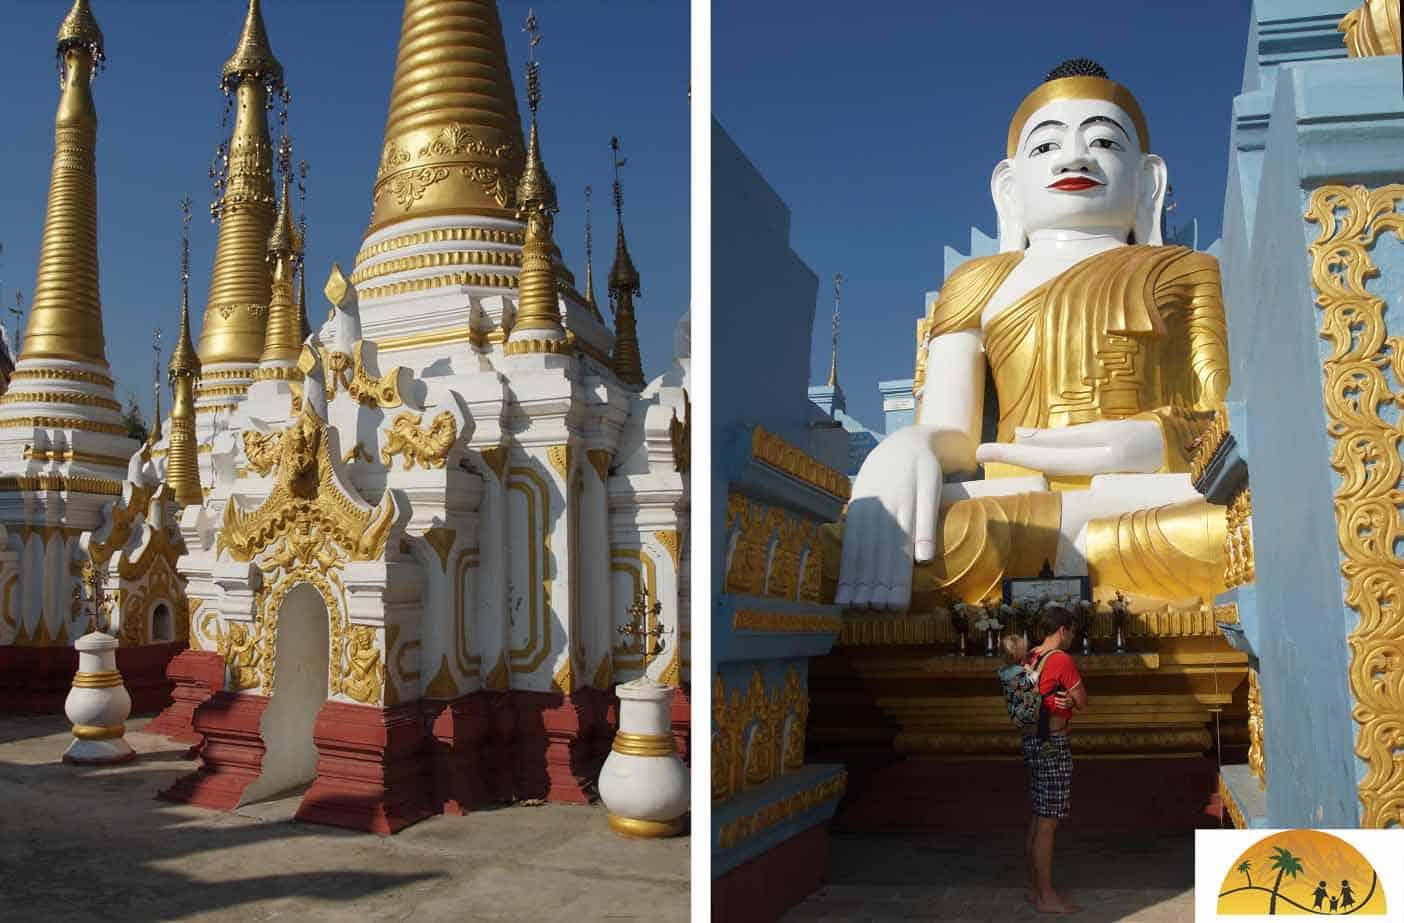 nantha pagoda